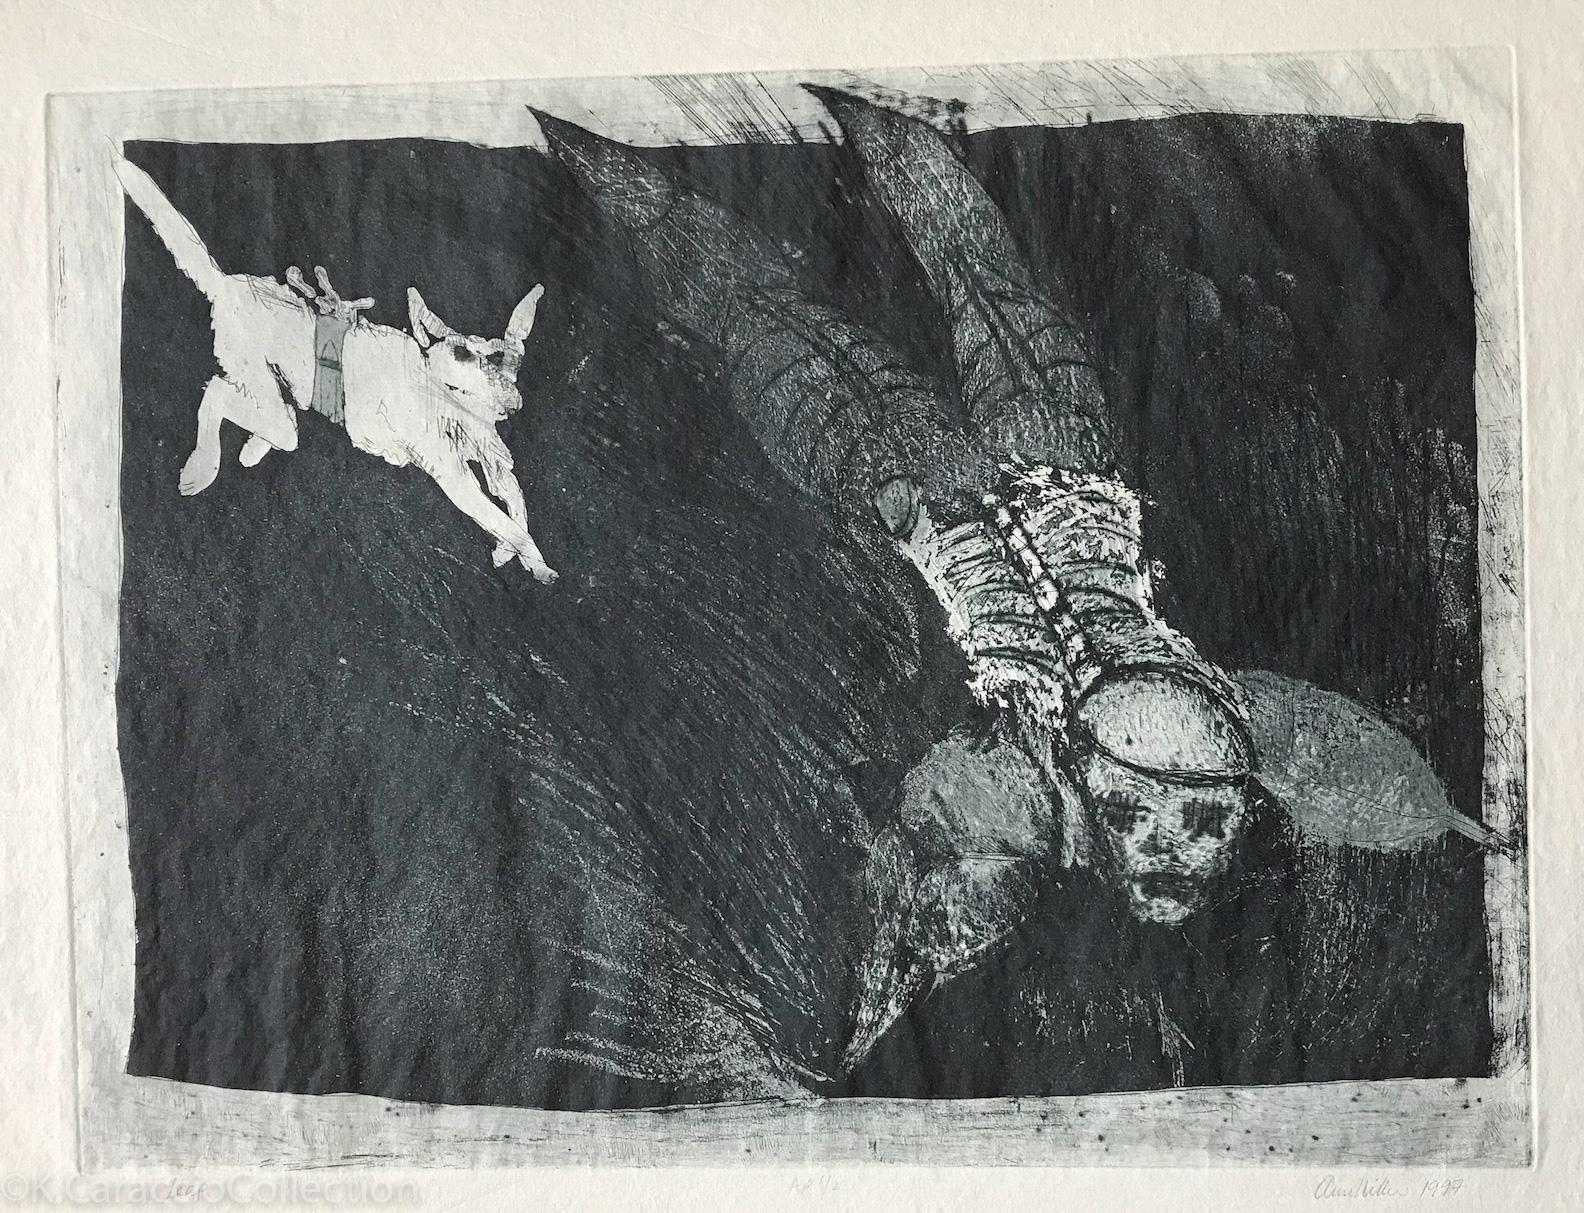 Leap, 1997